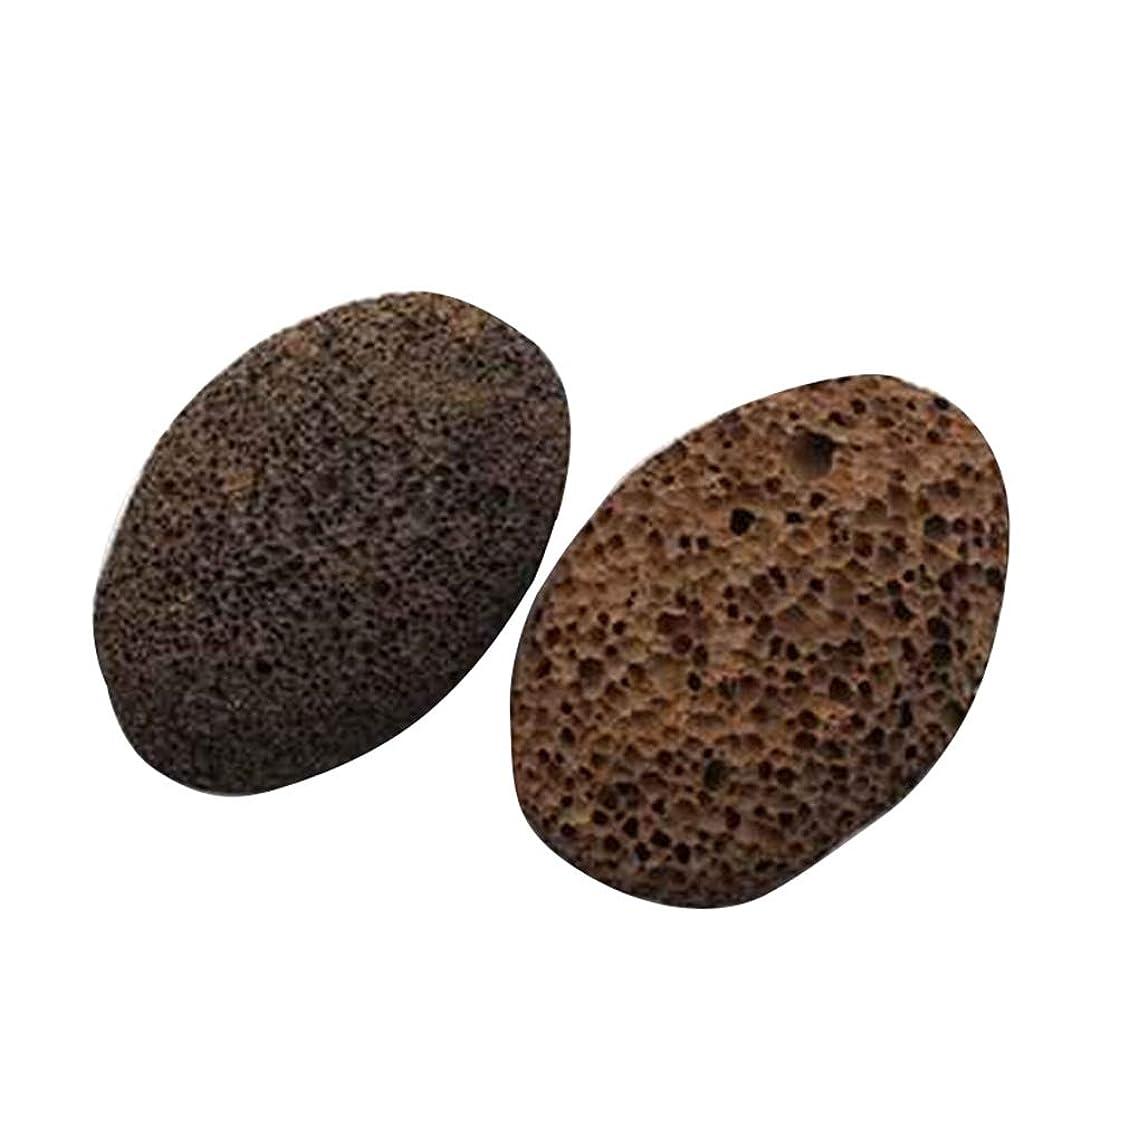 ピット否認するとにかくNerhaily 死んだ皮軽石を取り除き 足石を挽いて 自然の火山石を剥がします 足マッサージ石 ワイプ足石 2個セット